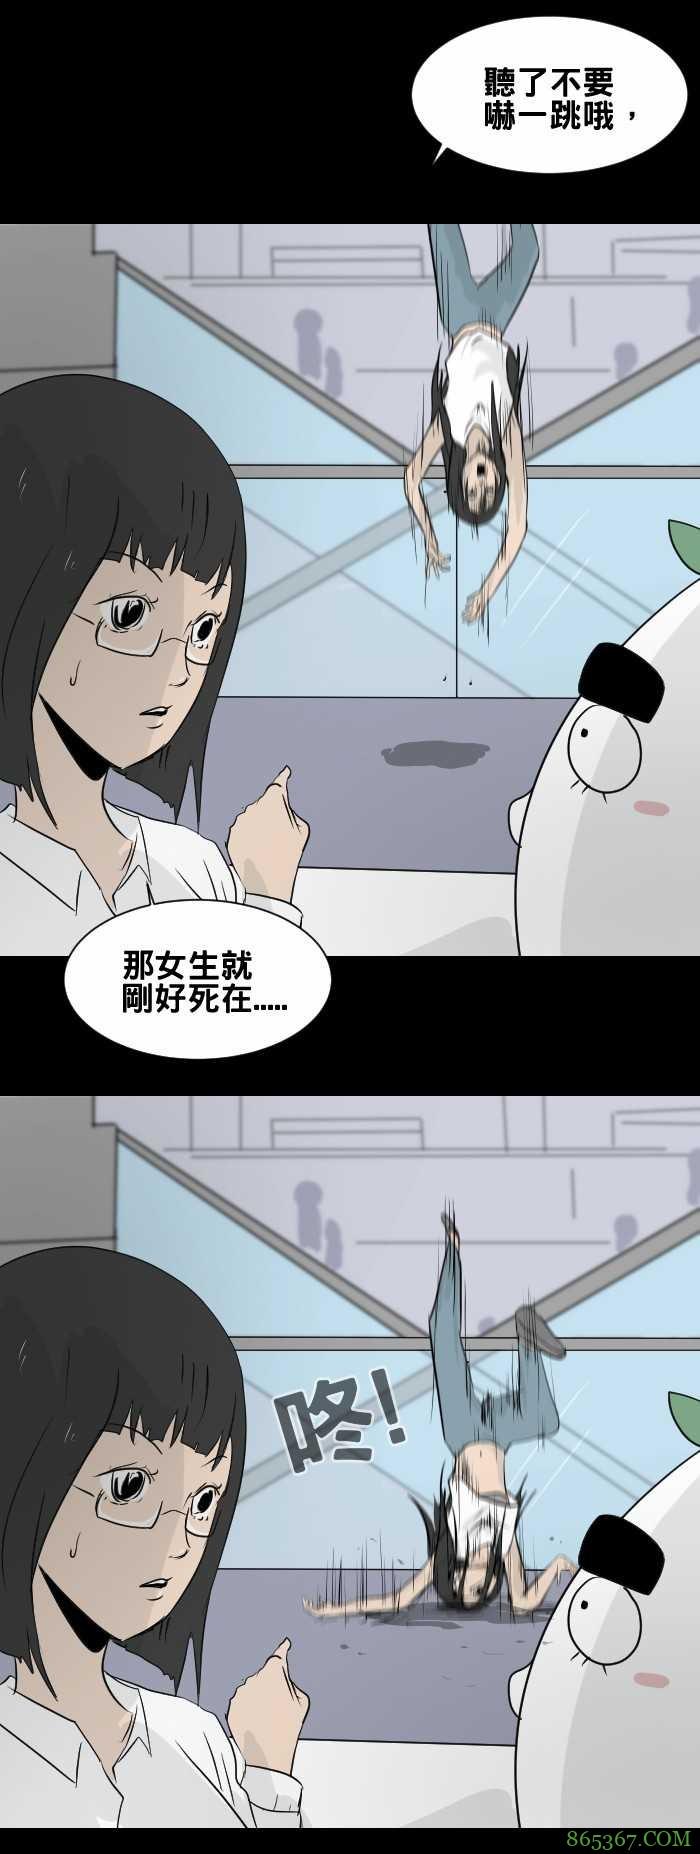 无限恐怖漫画《怪人》 怪人同事找跳楼女子圆姻缘梦